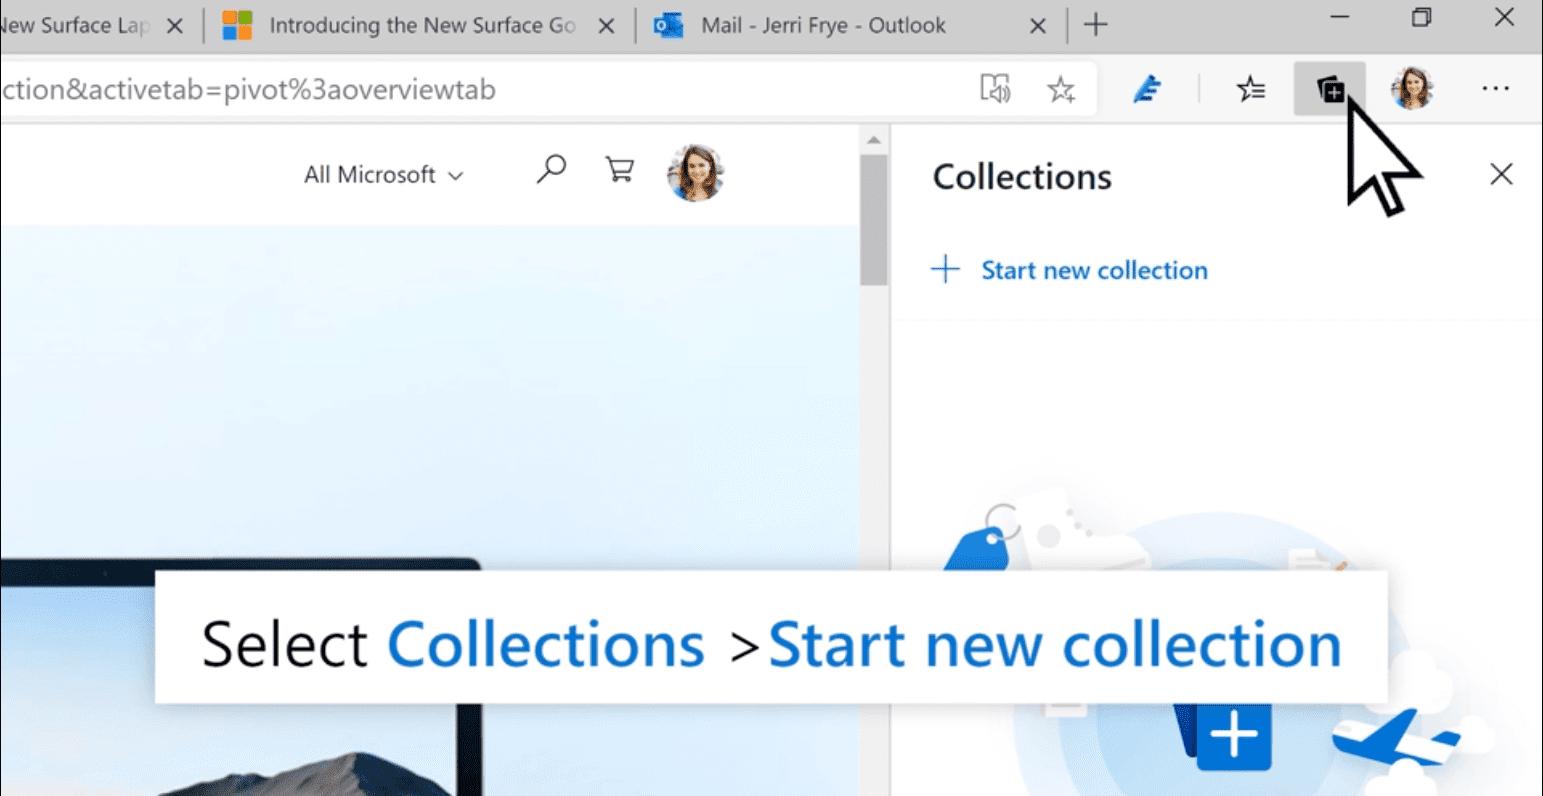 善用 Microsoft Edge 中〈集錦〉的力量 協助您整理想法